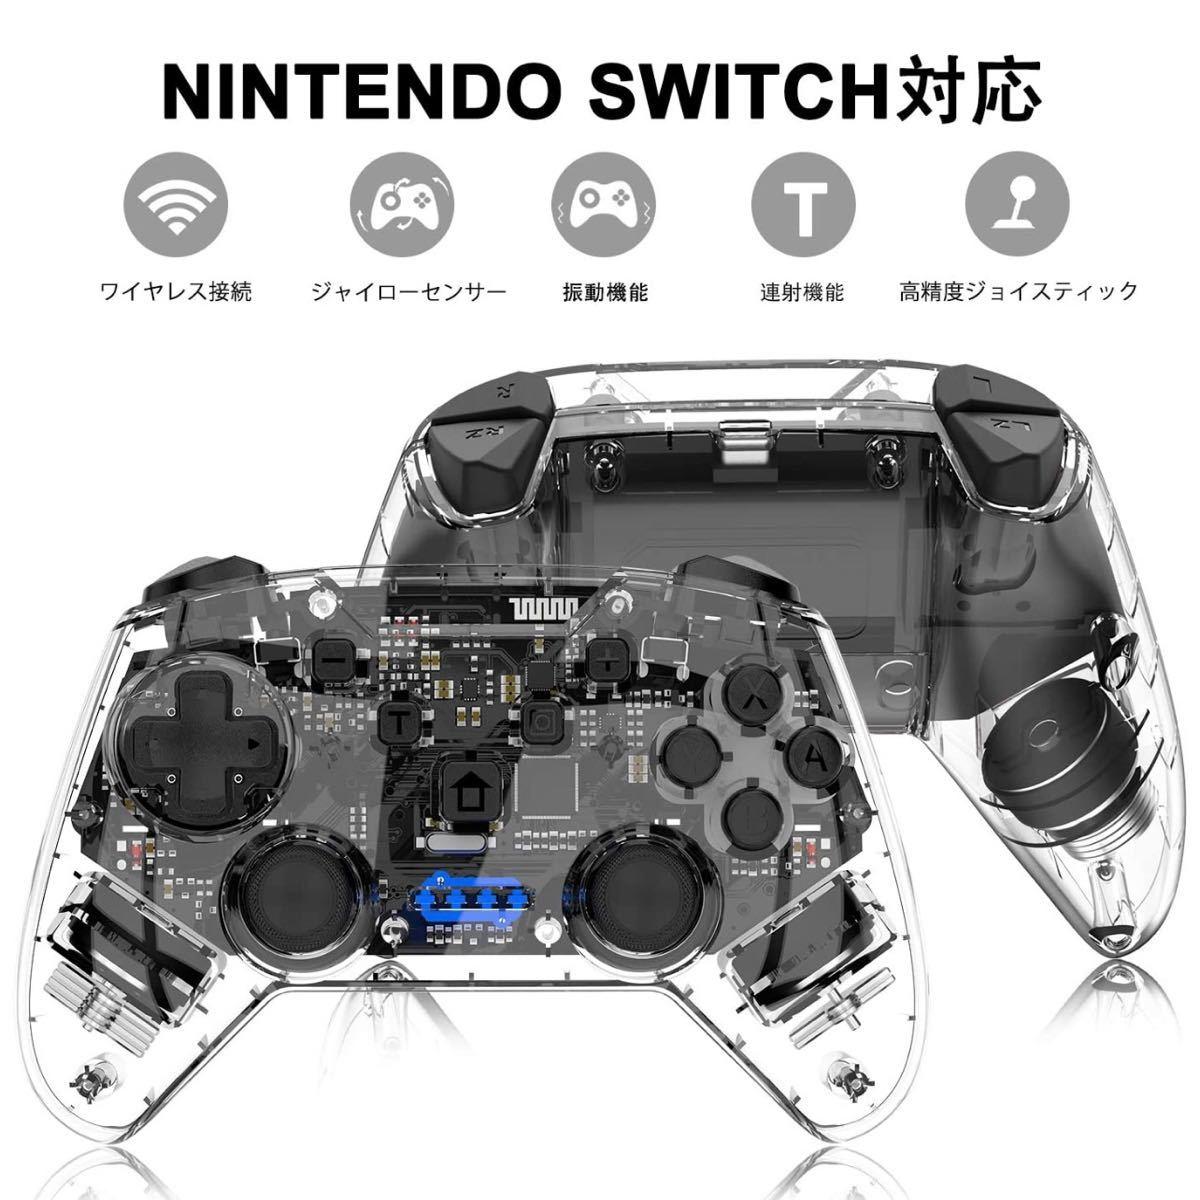 【新品】Switch ワイヤレス コントローラー クリア プロコン スイッチ 無線 任天堂 スイッチ【24時間以内発送】